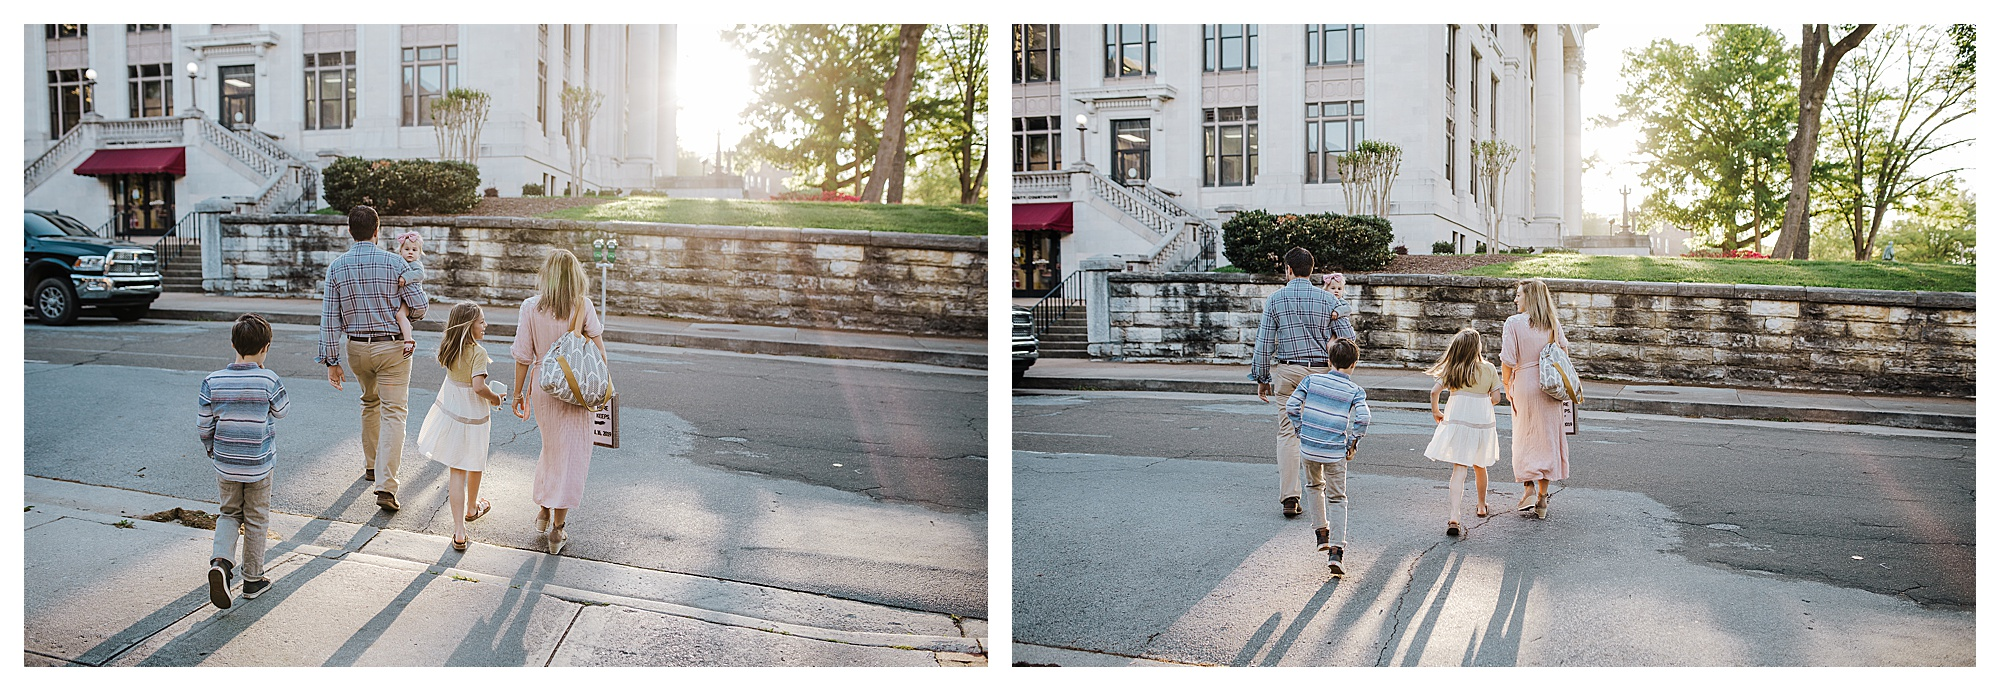 Emily Lapish Photo + Film documentary adoption photography_0005.jpg